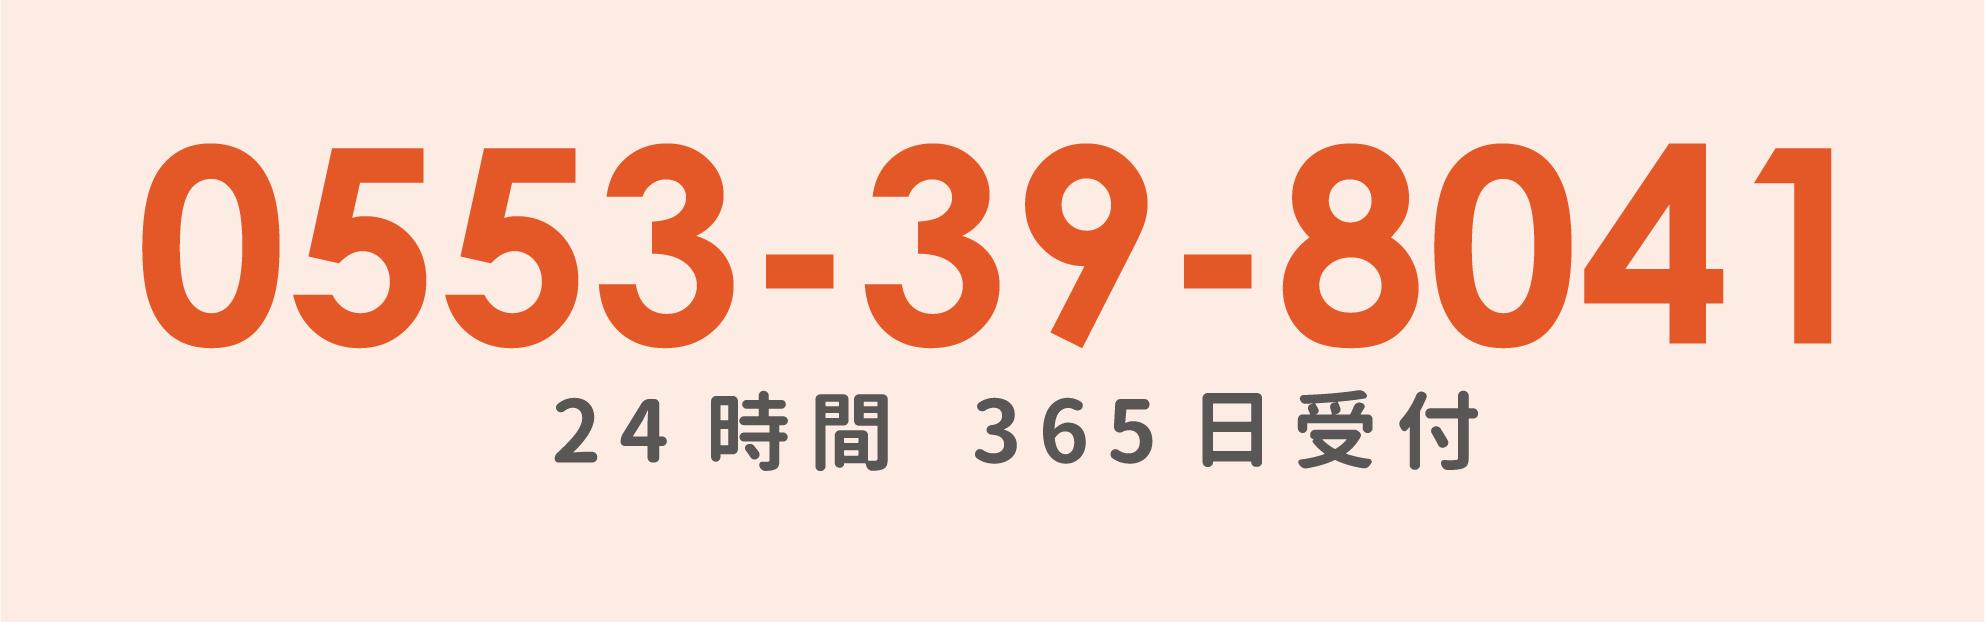 FAX:0553-39-8041(24時間、365日受付)